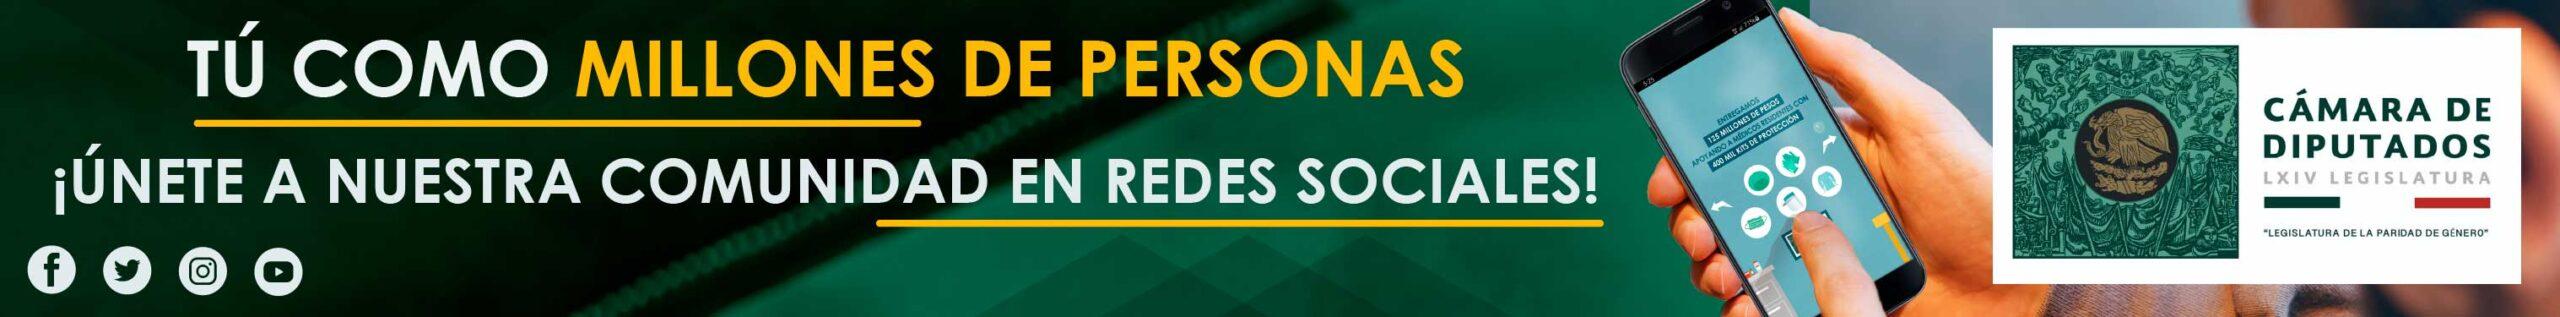 Sesiones y Foros Camara de Diputados